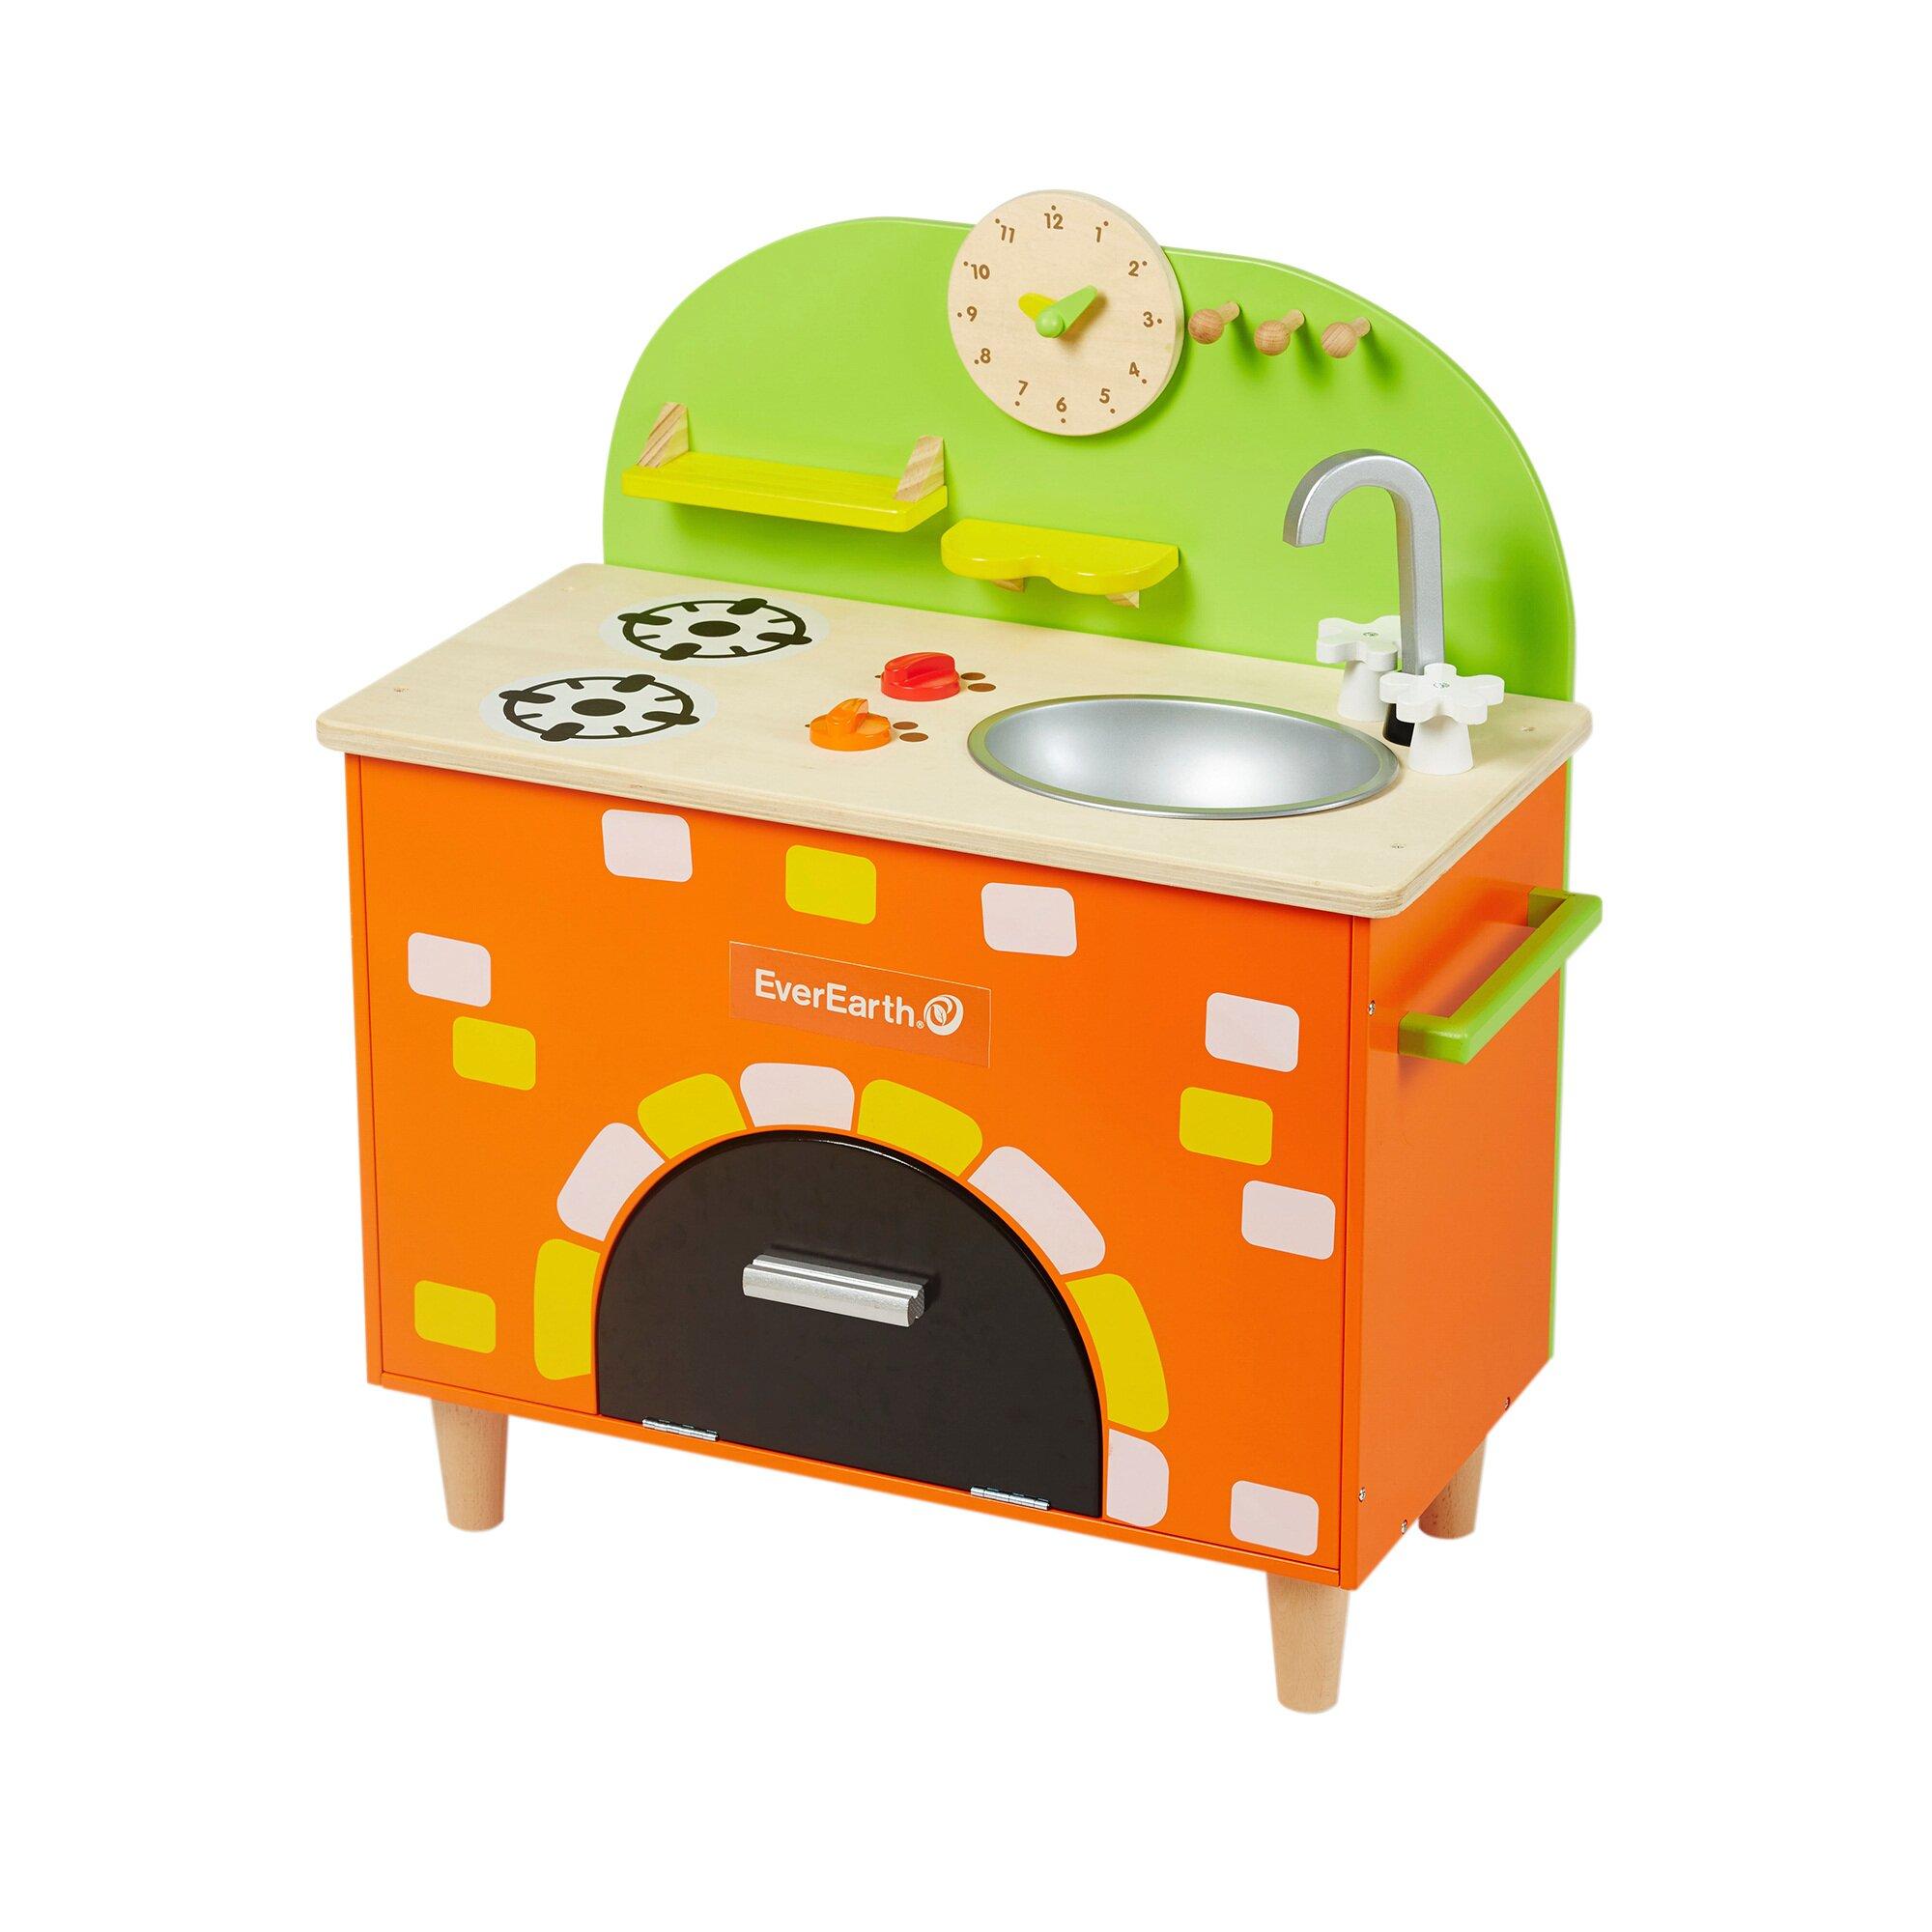 Everearth Kinderküche aus Holz